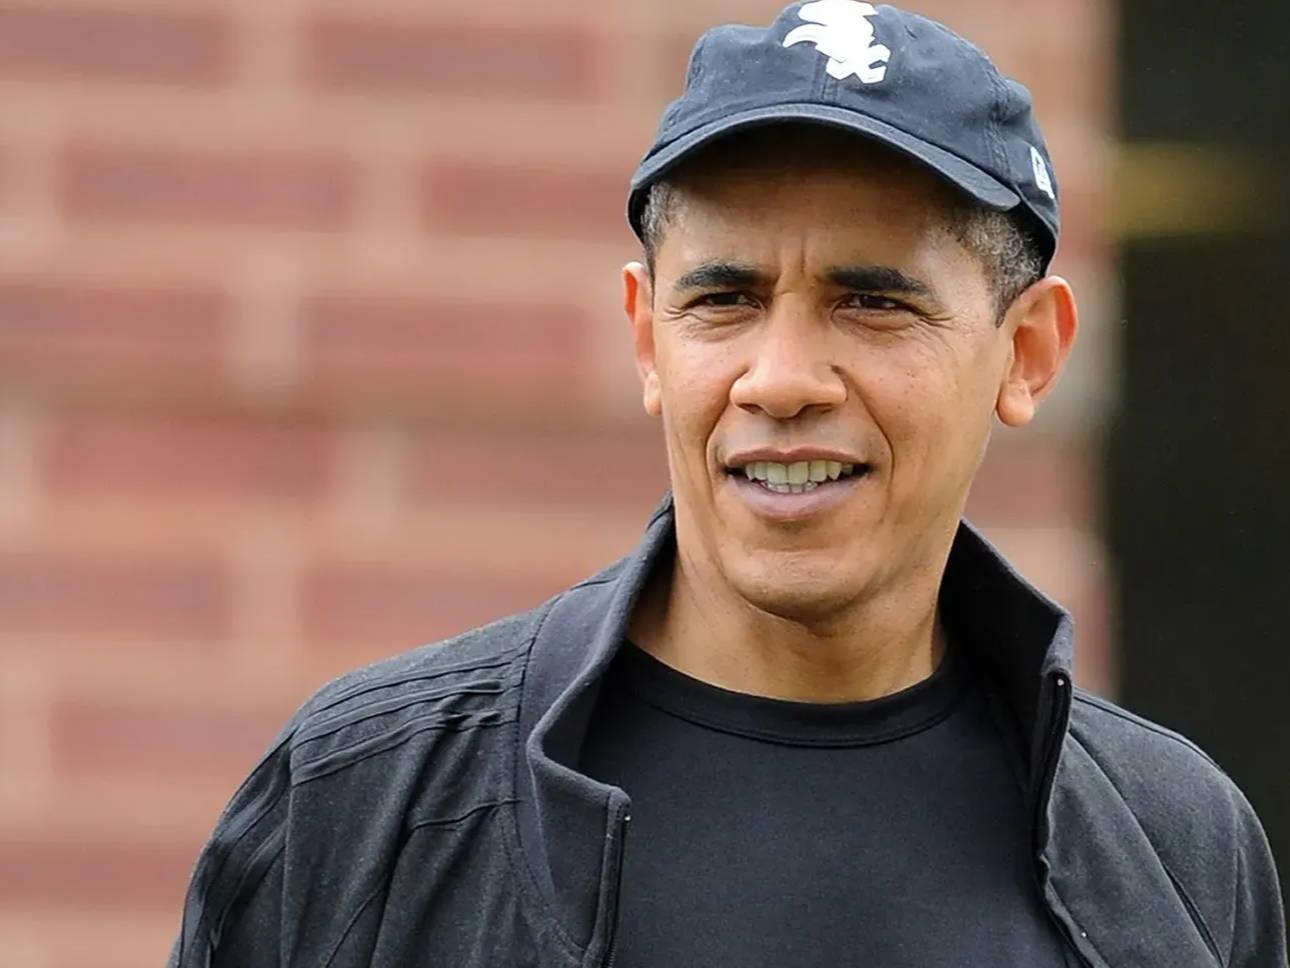 Obama wearing cap